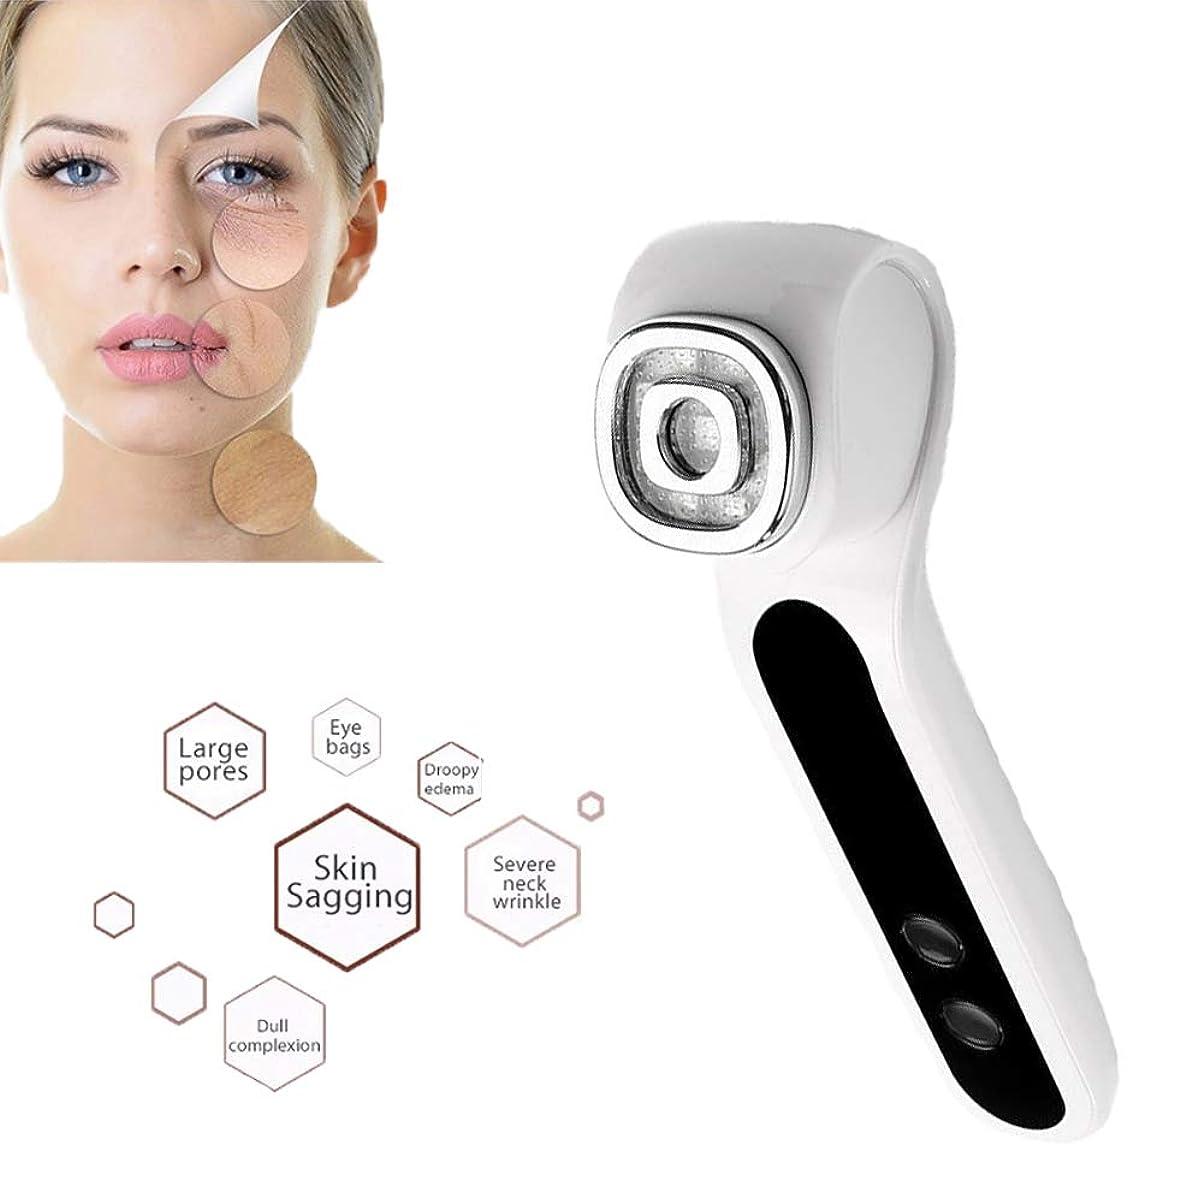 鋸歯状木アスペクト美容化粧品LED光子療法RF + EMSリフティングイオンクレンジング振動肌の整形マッサージ用家庭用